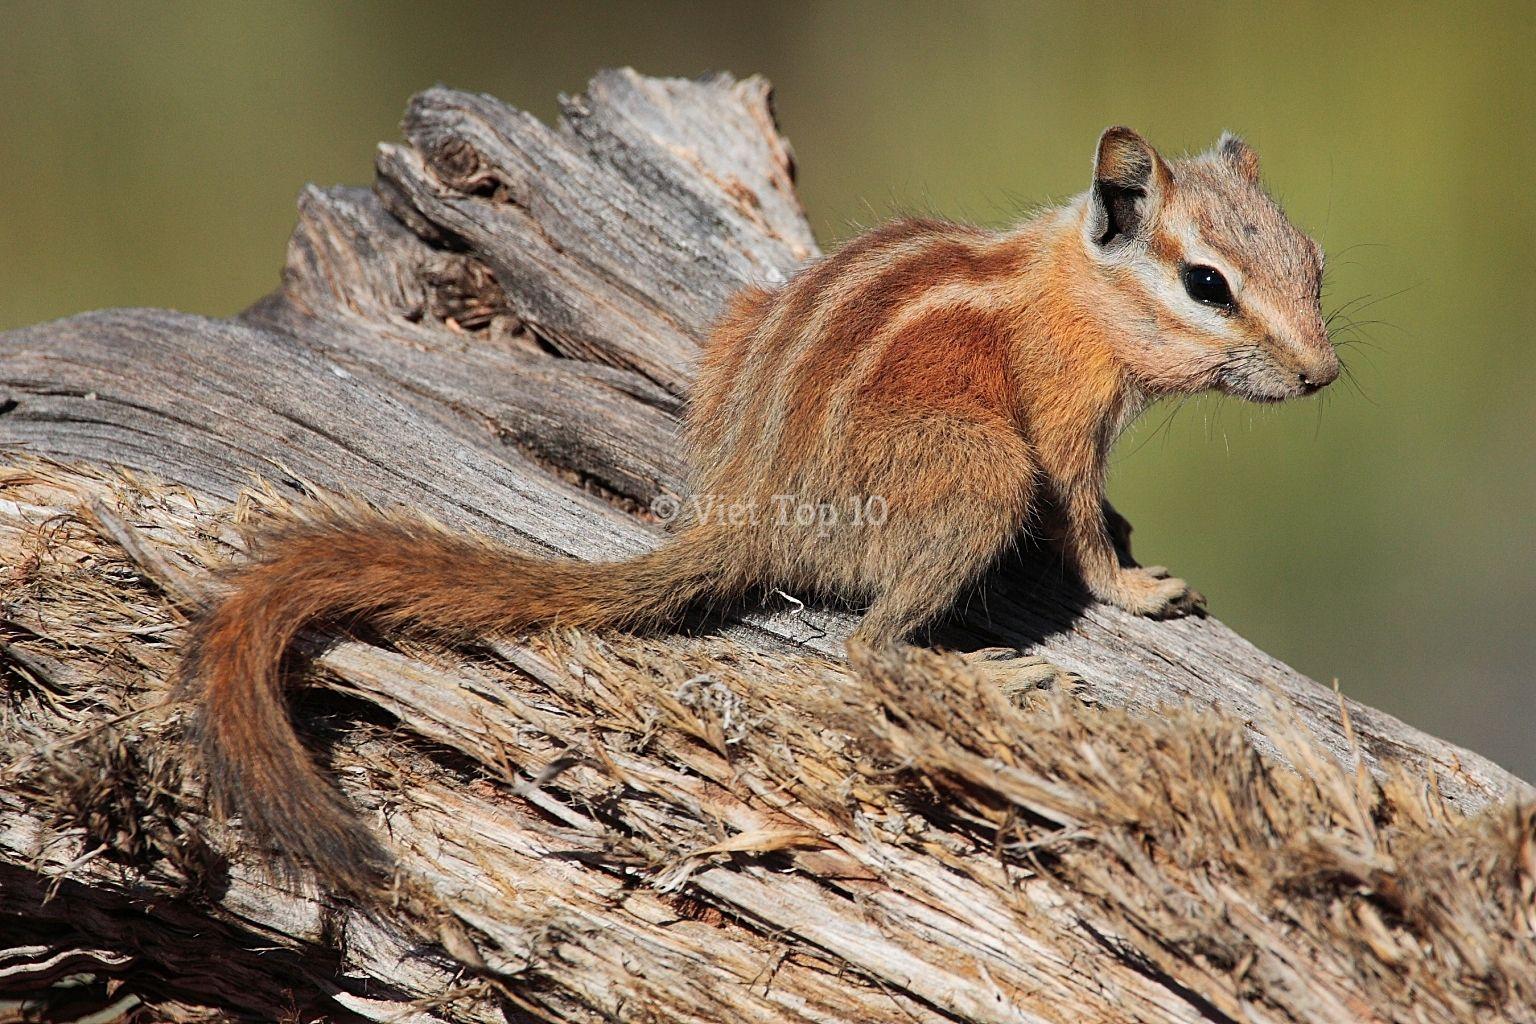 top 25 loài động vật có cách tự vệ và săn mồi độc đáo nhất hành tinh - việt top 10 - việt top 10 net - viettop10